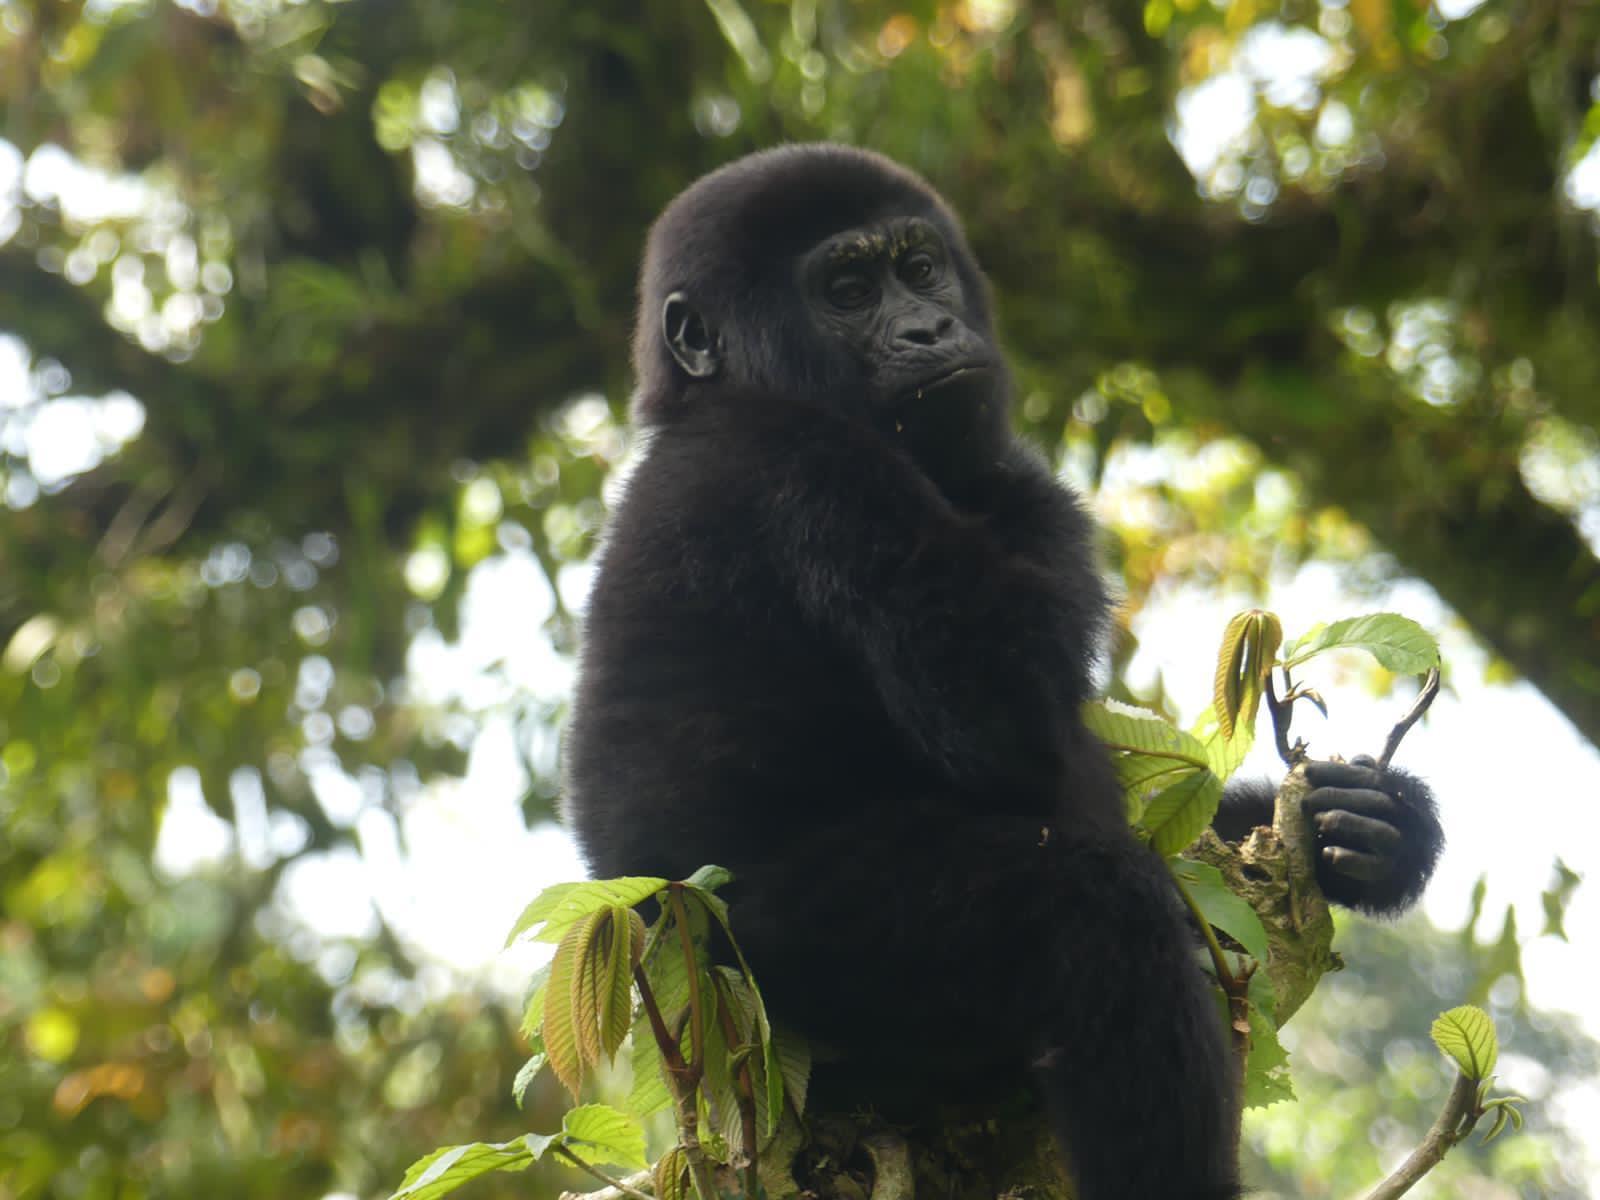 How difficult is the gorilla trek in Uganda?